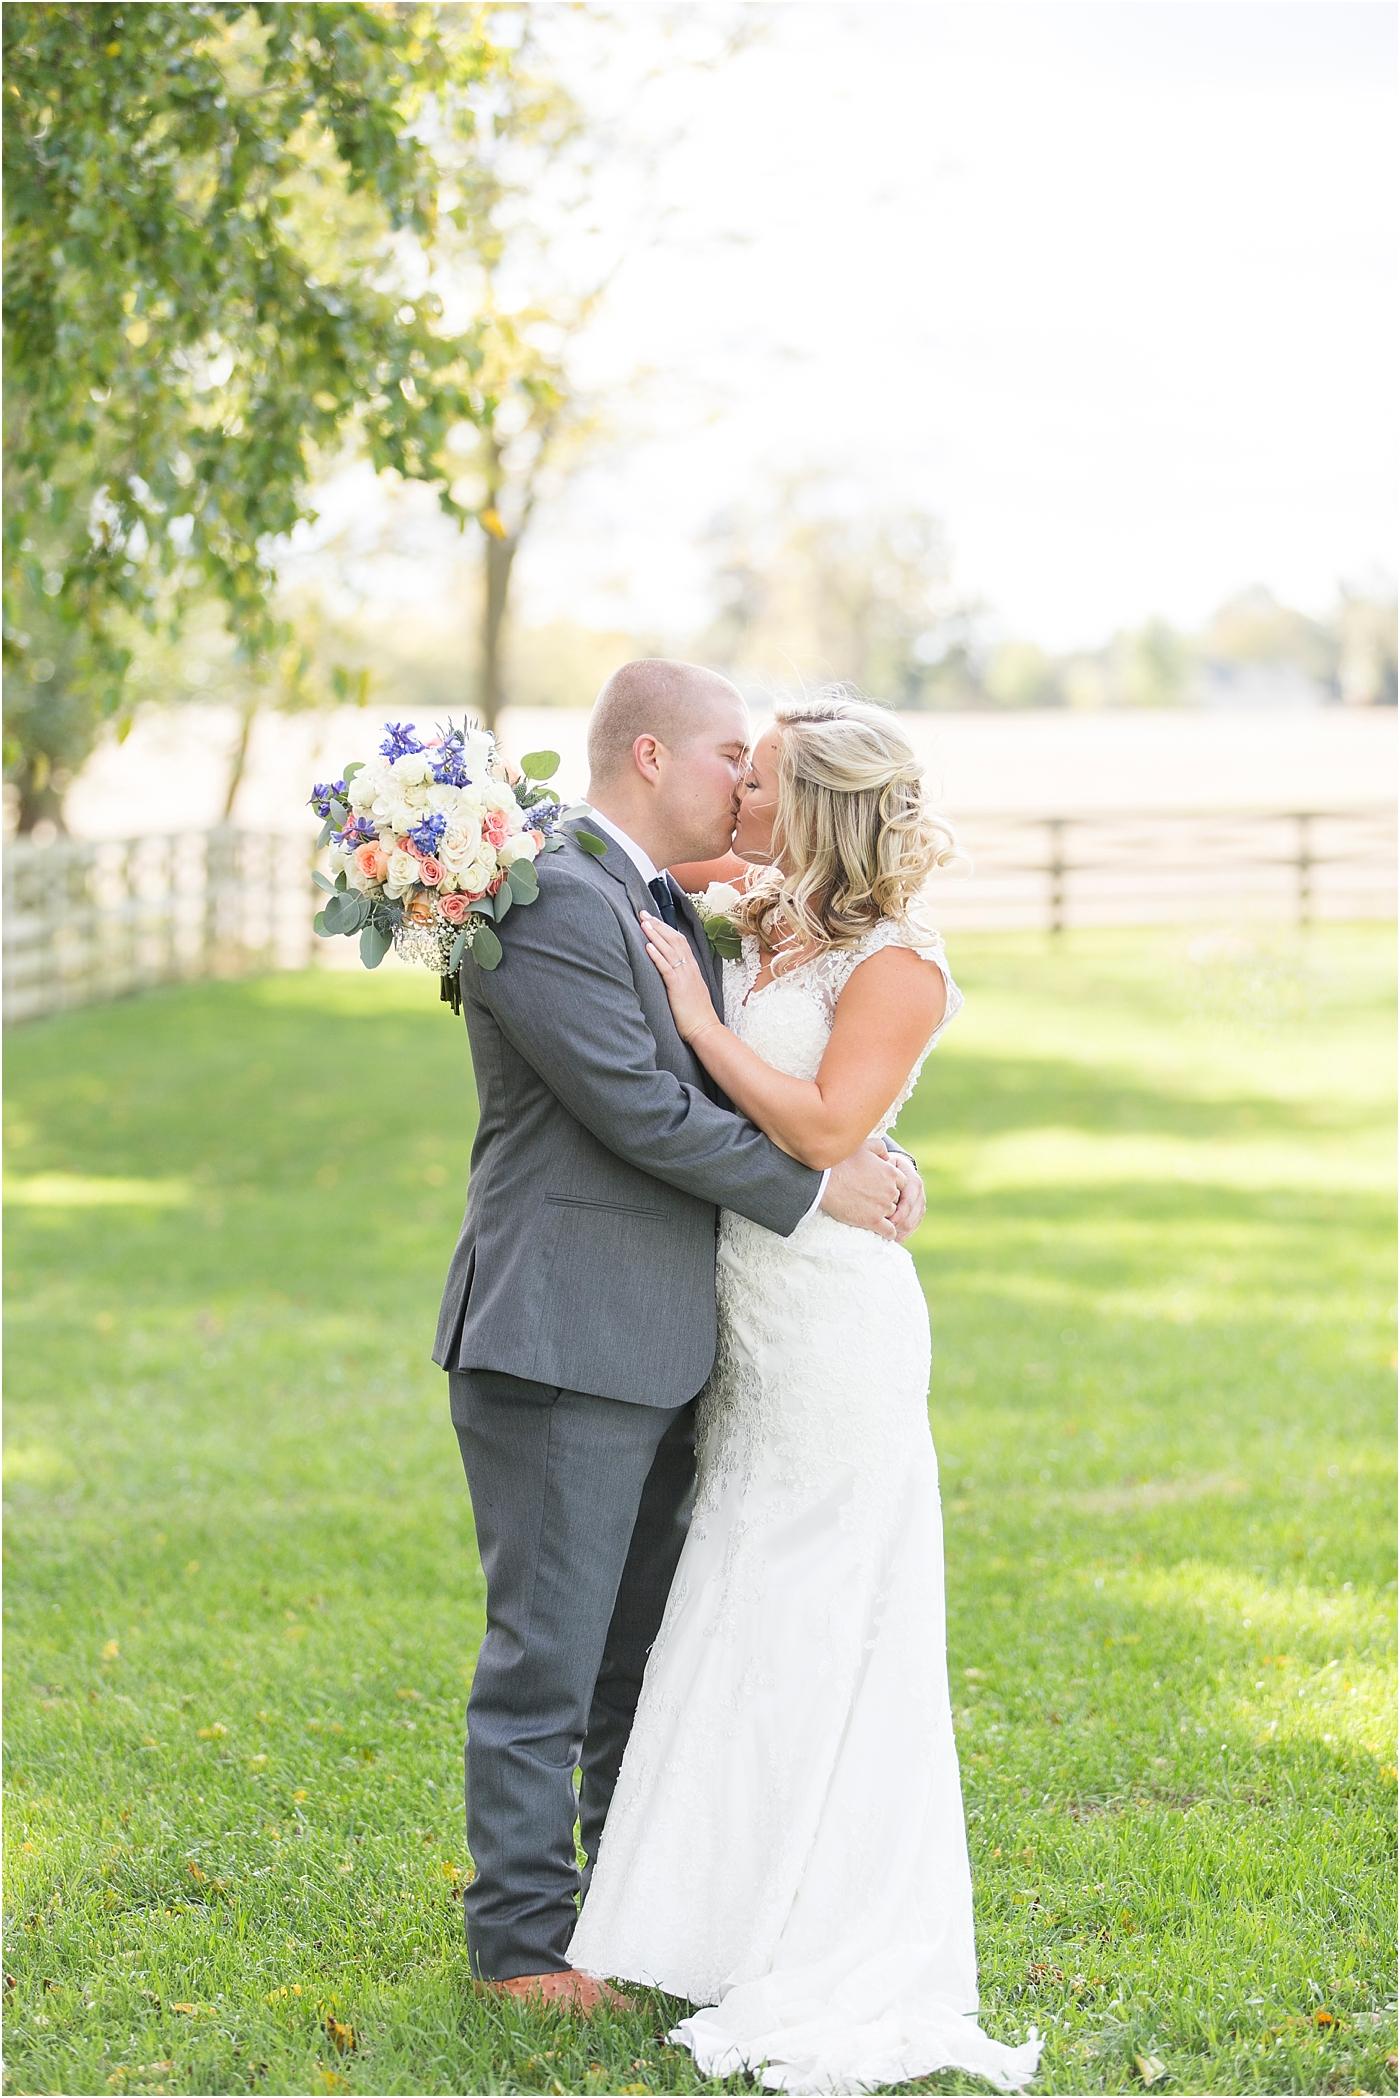 Walkers-Overlook-Wedding-41.jpg